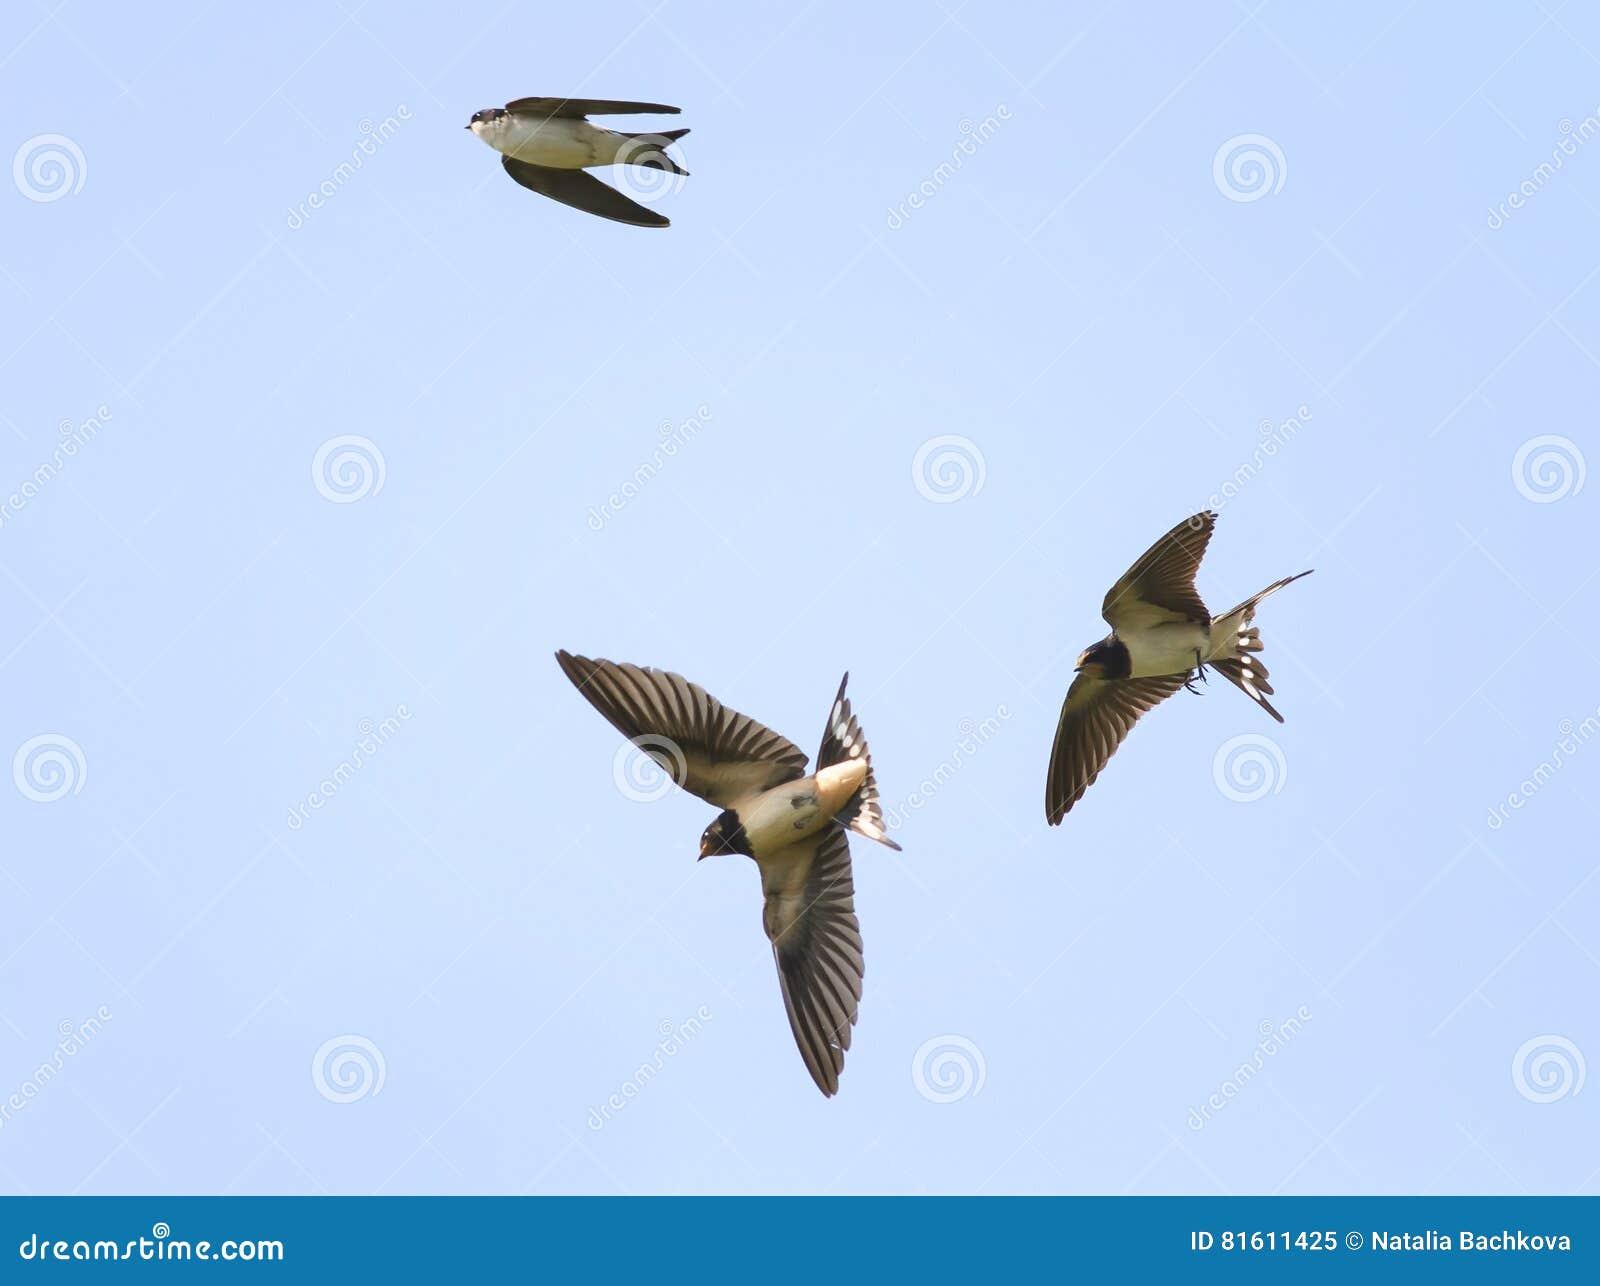 Slikt vlieghoogte in de hemel uitspreiden wijd zijn vleugels